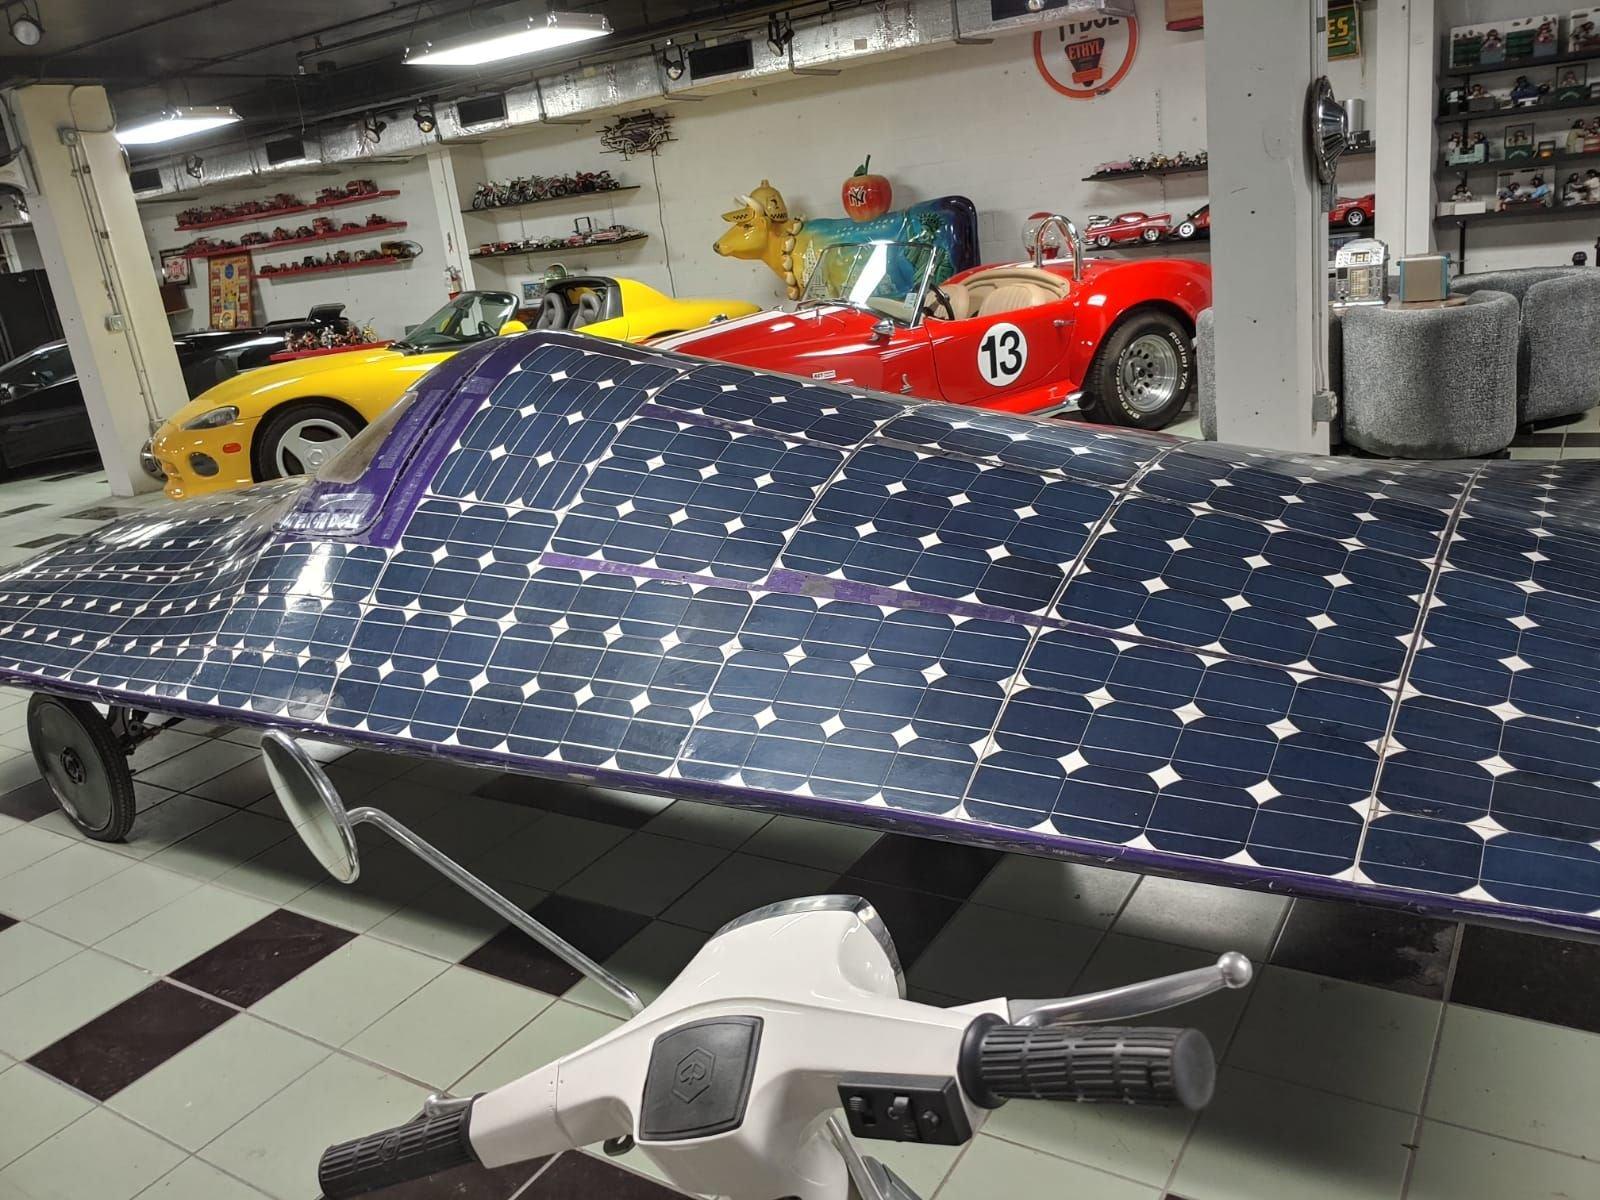 Solar energy powered prototype